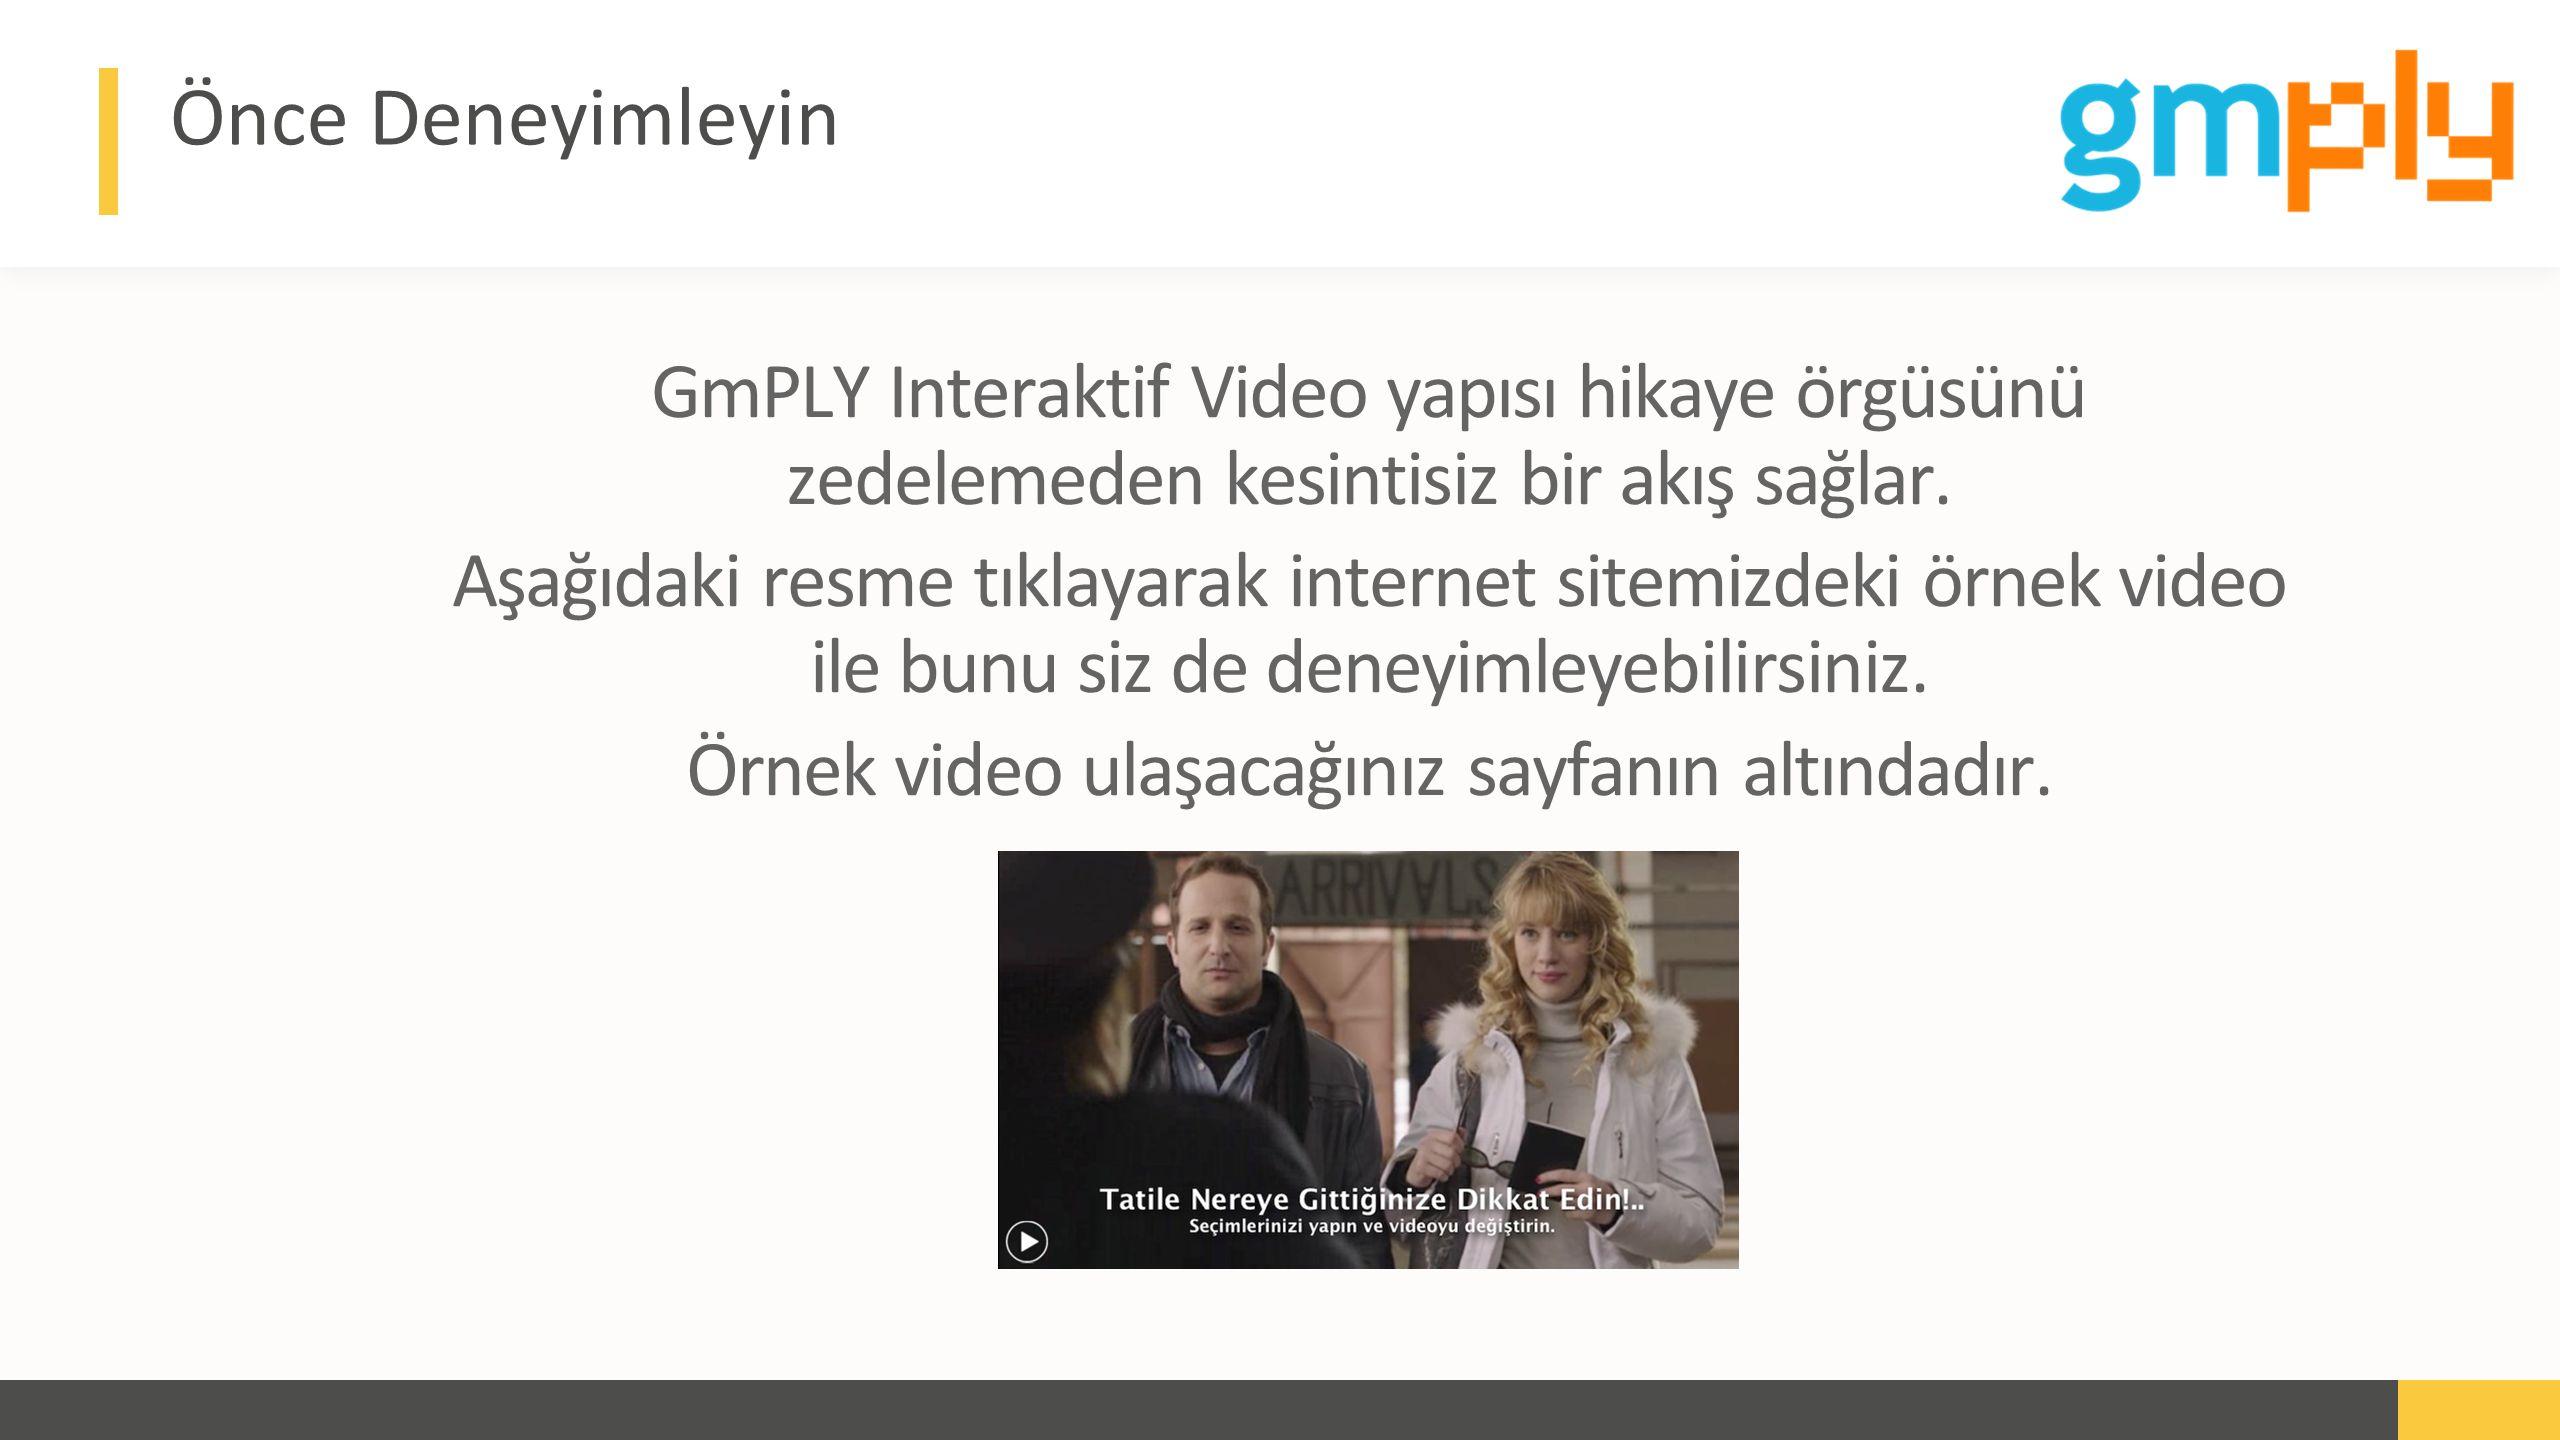 Advert keynote presentation - 2015 Önce Deneyimleyin GmPLY Interaktif Video yapısı hikaye örgüsünü zedelemeden kesintisiz bir akış sağlar.